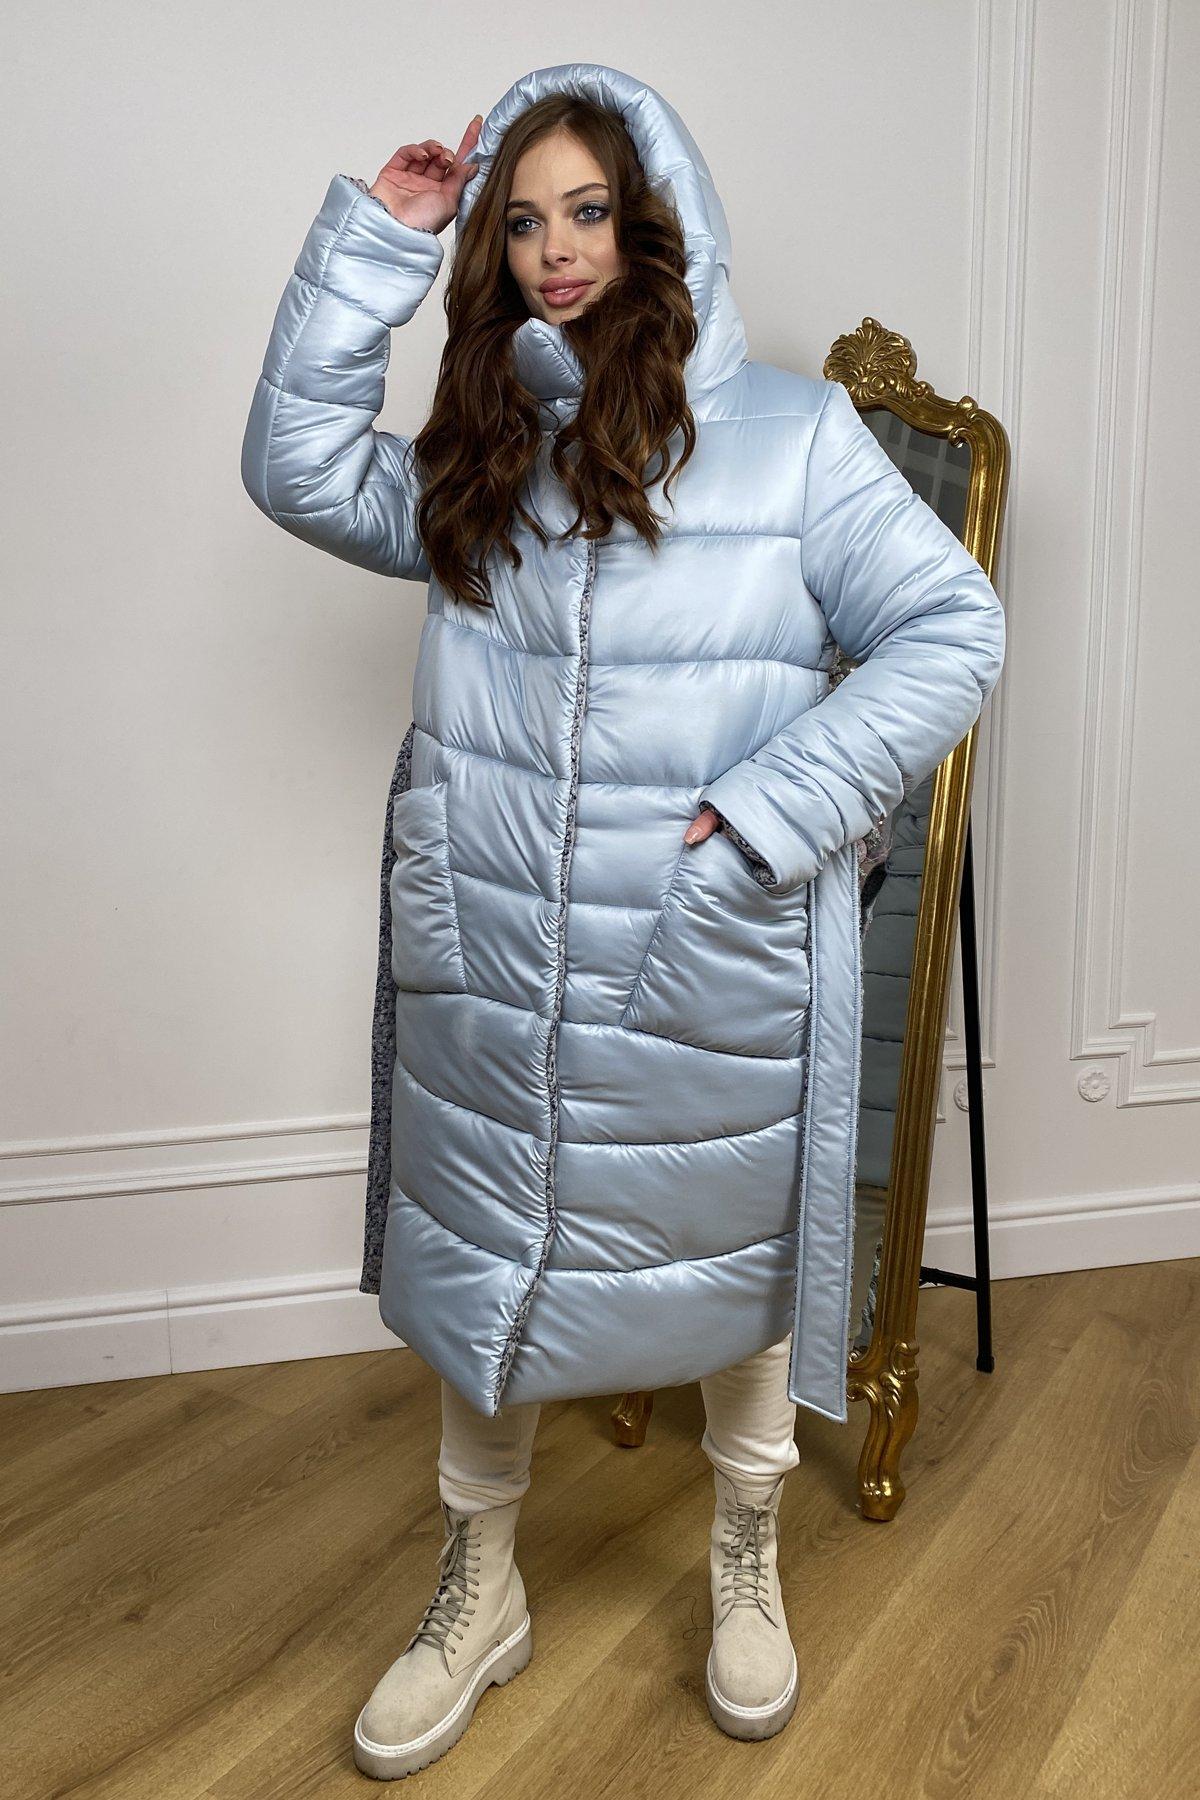 Бристоль плащевка стеганое пальто зима 10099 АРТ. 46407 Цвет: голубой/серый/голубой - фото 5, интернет магазин tm-modus.ru